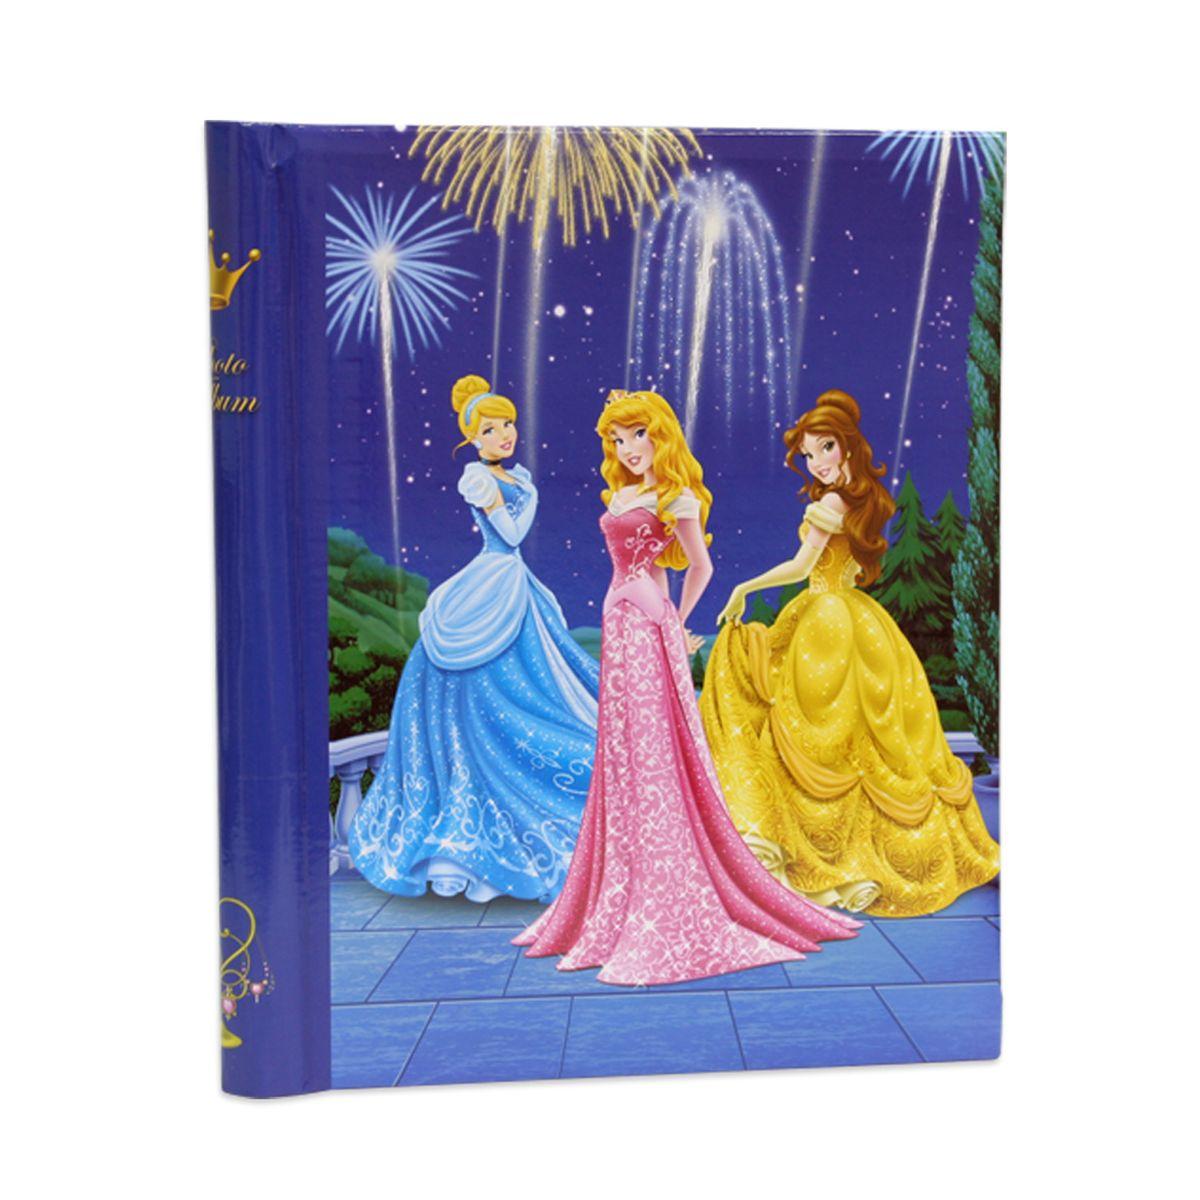 Фотоальбом Pioneer Princess, 20 магнитных листов, 23 х 28 см46560 LM-SA20Фотоальбом Pioneer Princess поможет красиво оформить ваши фотографии. Обложка, выполненная из толстого картона, оформлена красочным детским рисунком. Альбом с магнитными листами удобен тем, что он позволяет размещать фотографии разных размеров. Тип скрепления - спираль. Магнитные страницы обладают следующими преимуществами: - Не нужно прикладывать усилий для закрепления фотографий; - Не нужно заботиться о размерах фотографий, так как вы можете вставить в альбом фотографии разных размеров; - Защита фотографий от постоянных прикосновений зрителей с помощью пленки ПВХ. Нам всегда так приятно вспоминать о самых счастливых моментах жизни, запечатленных на фотографиях. Поэтому фотоальбом является универсальным подарком к любому празднику. Количество листов: 20 шт. Размер листа: 23 х 28 см.